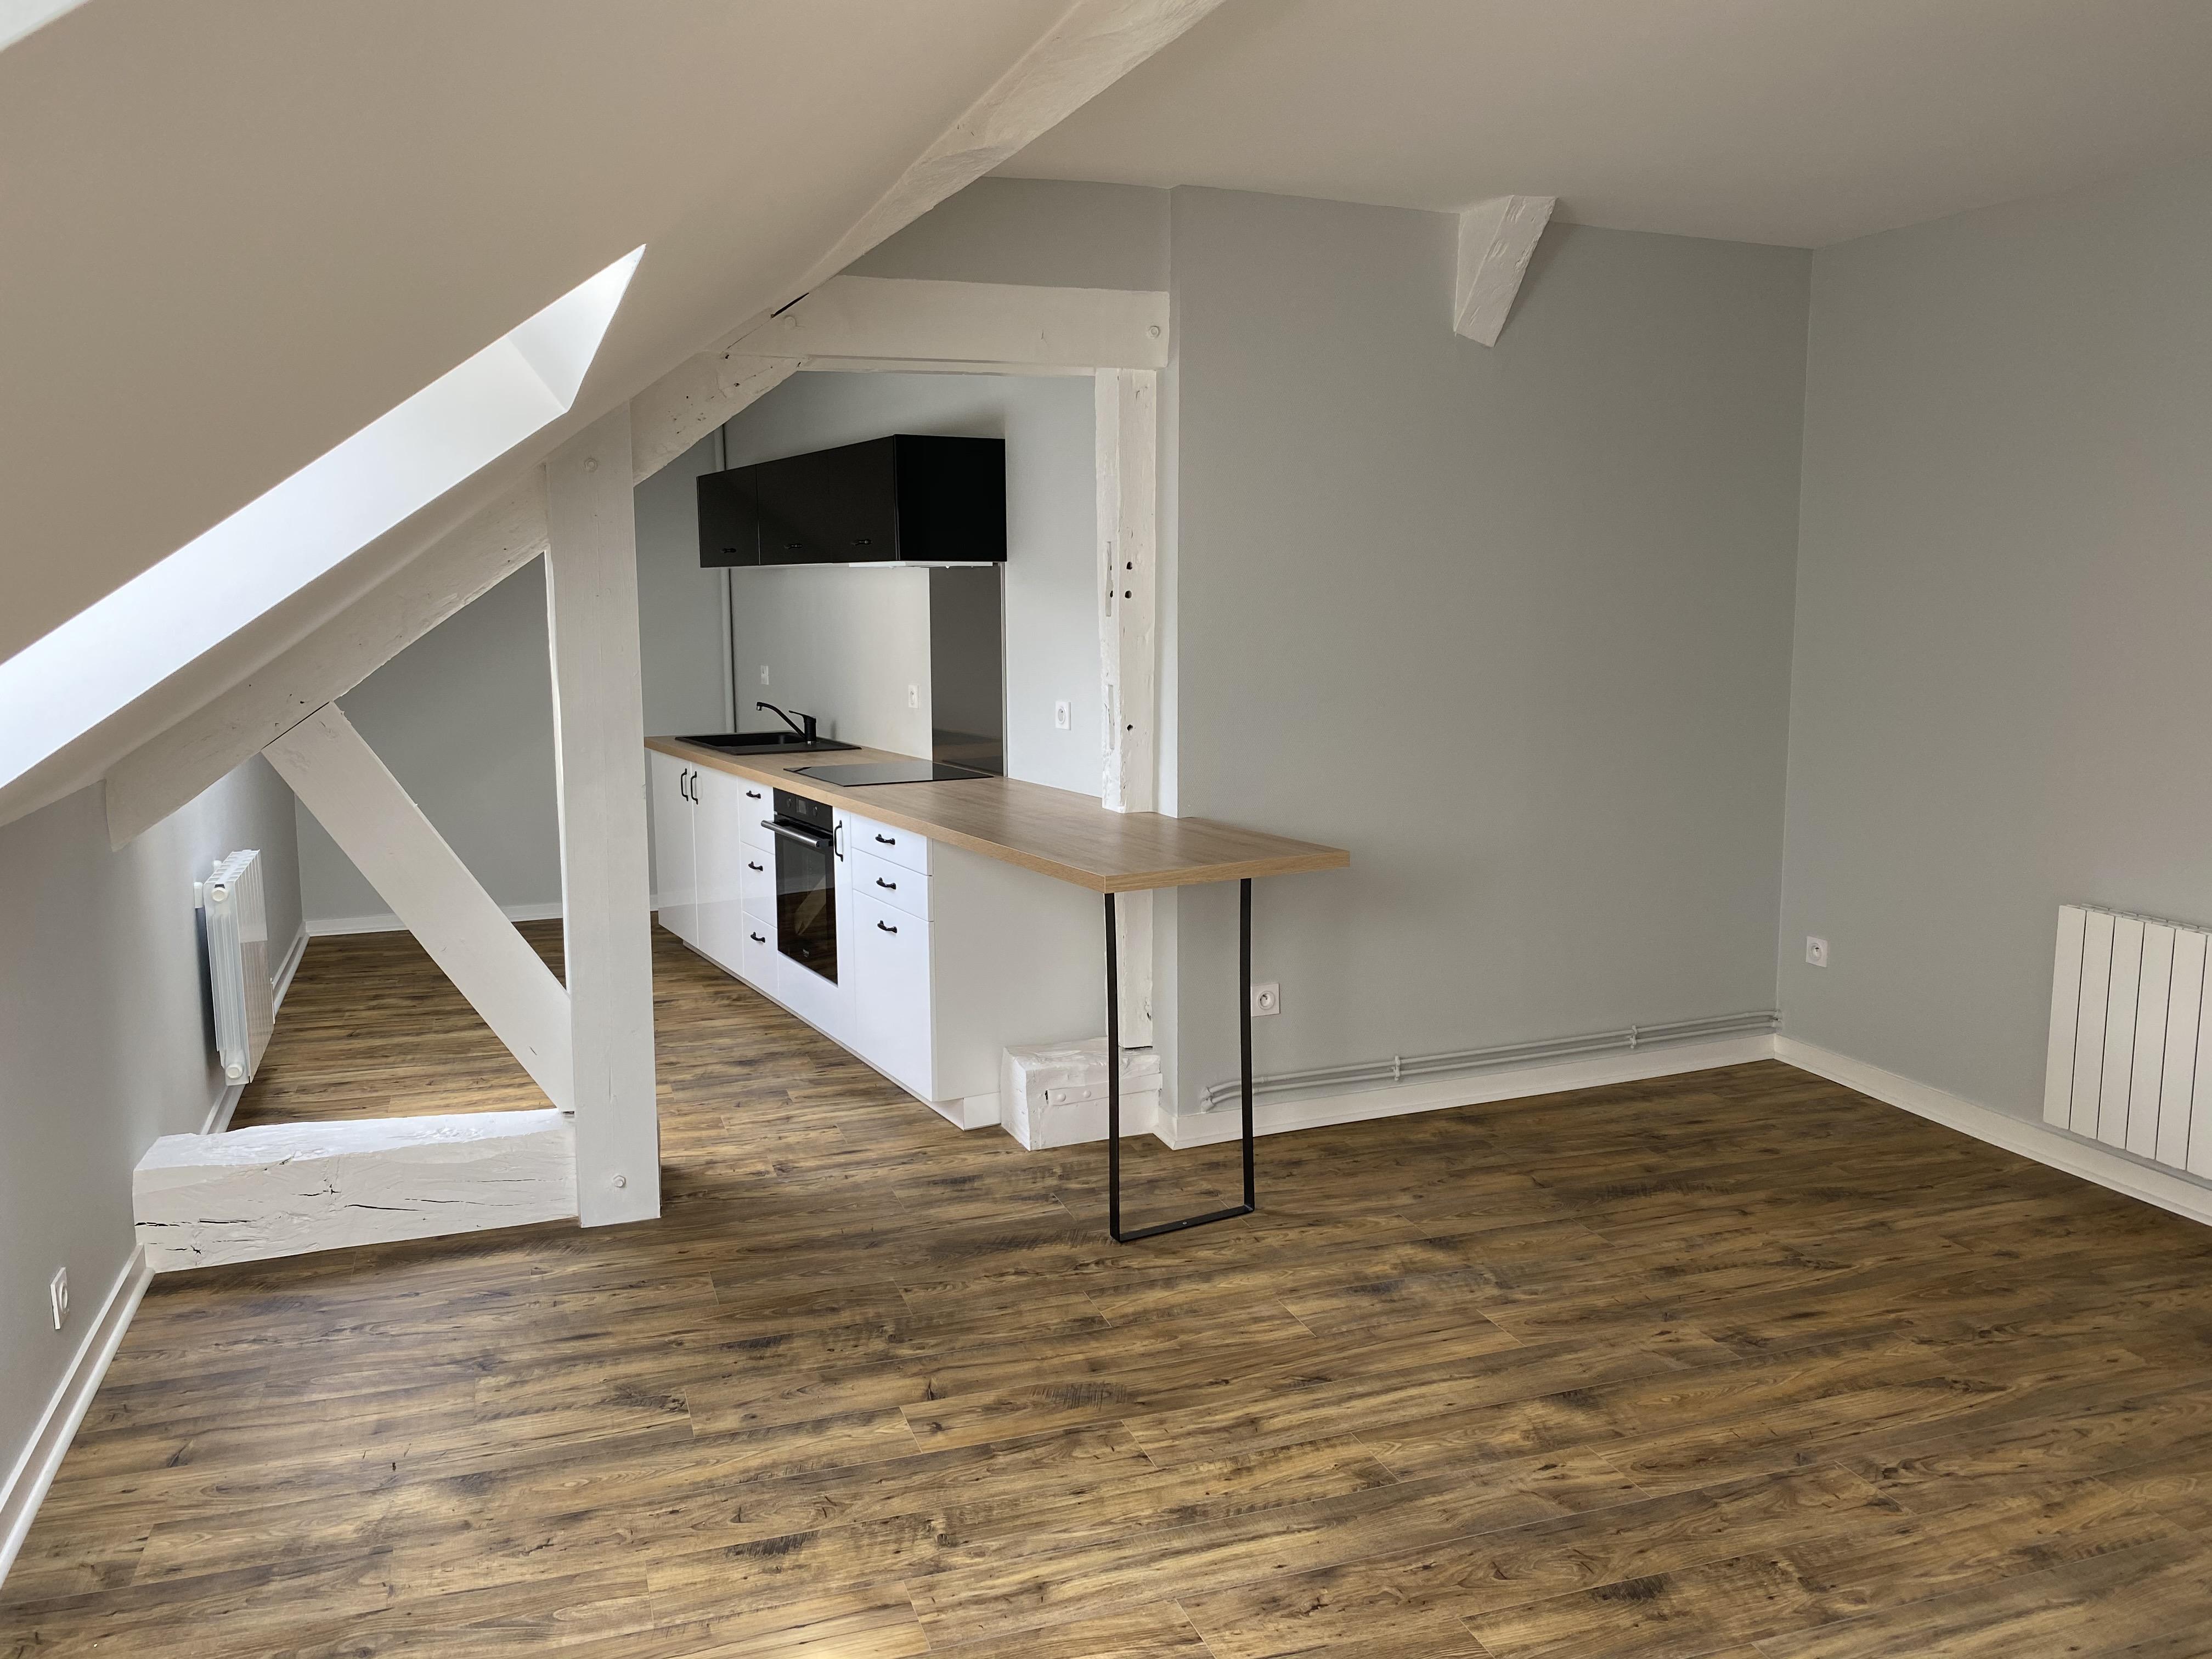 Rénovation d'un immeuble (3 appartements) sur Angers